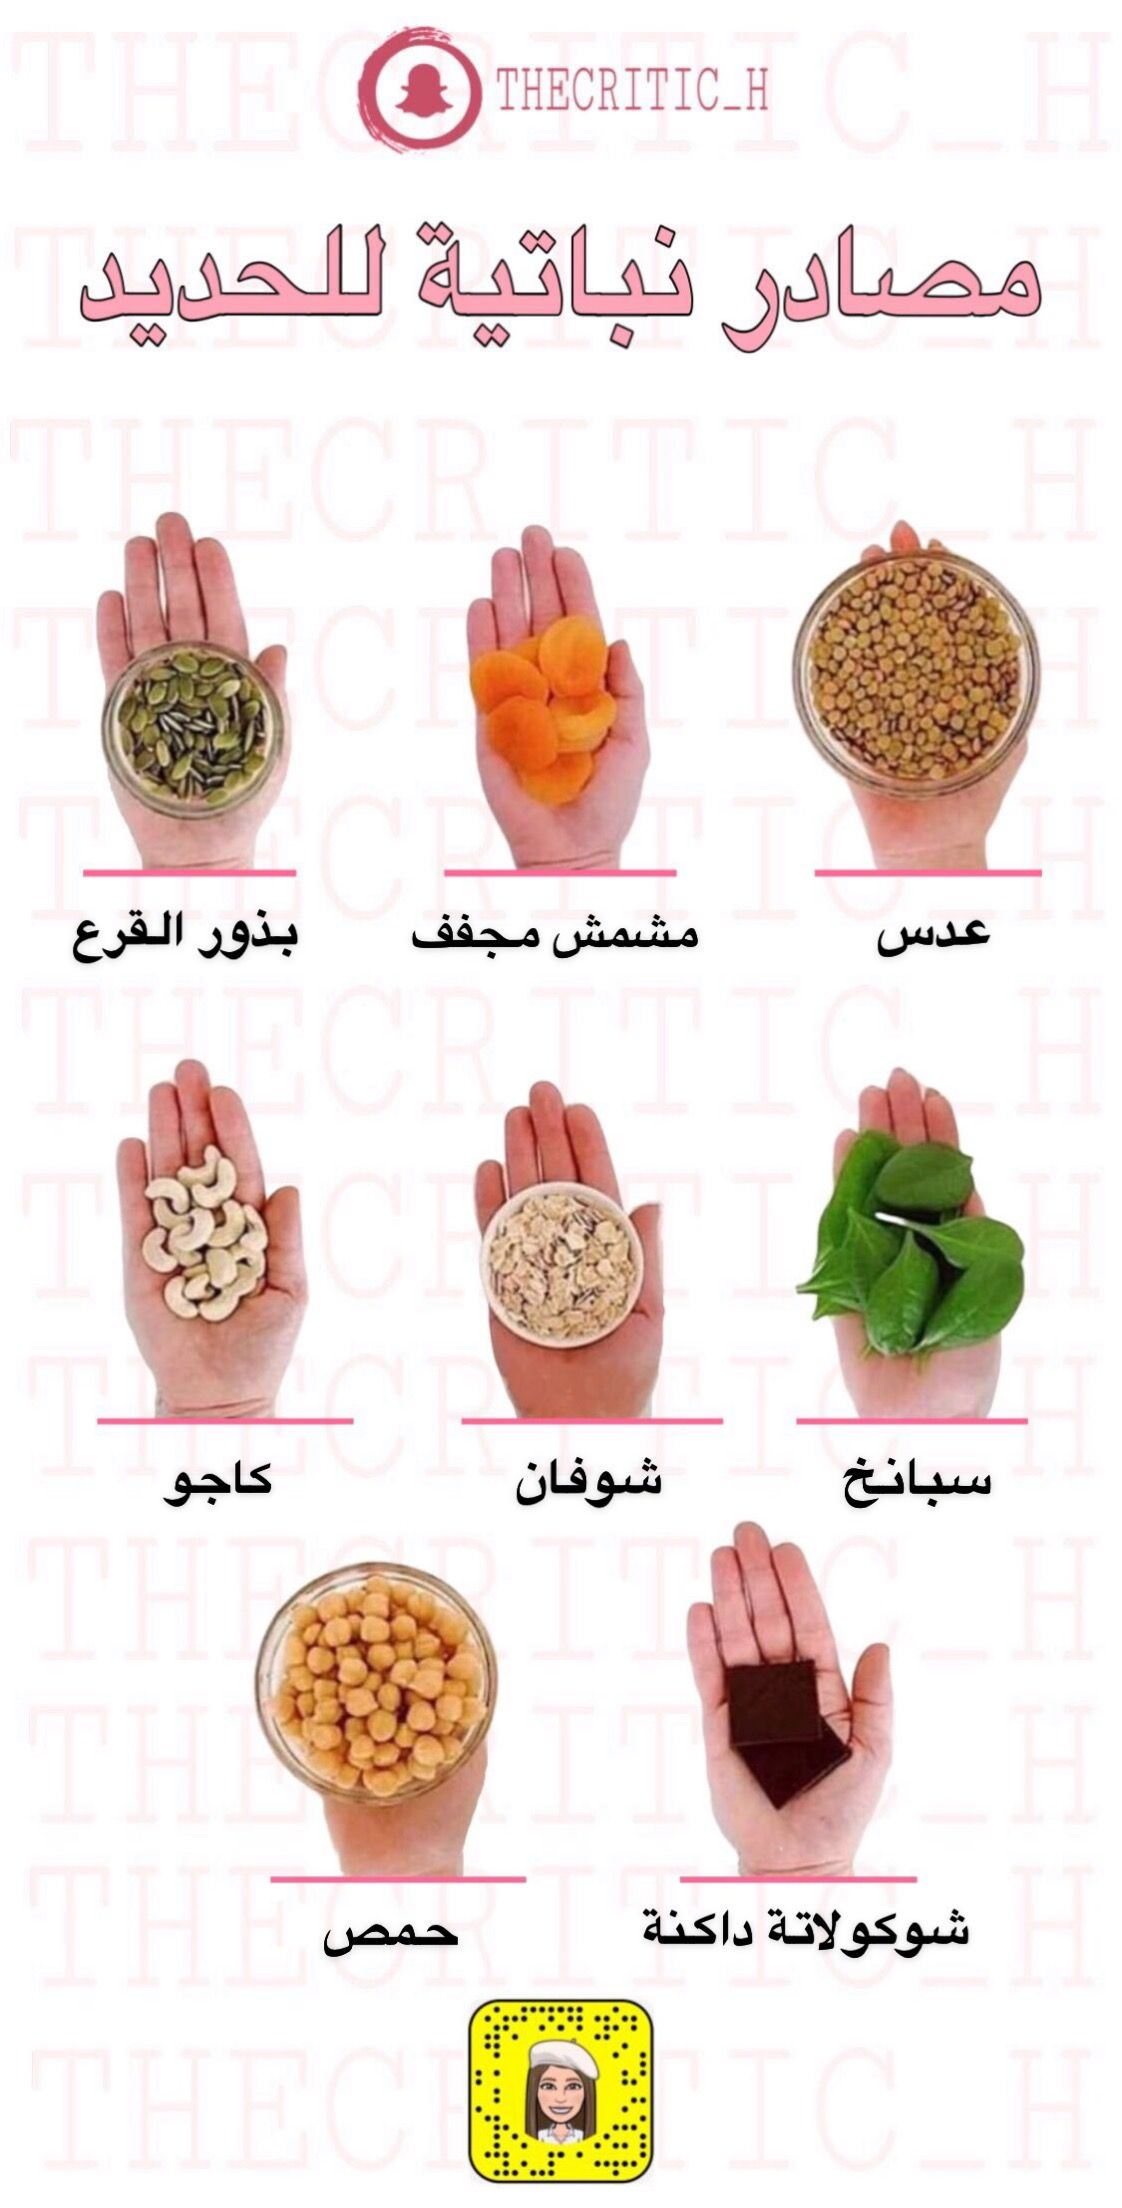 مصادر نباتية للحديد Health Fitness Food Health Facts Fitness Health Facts Food